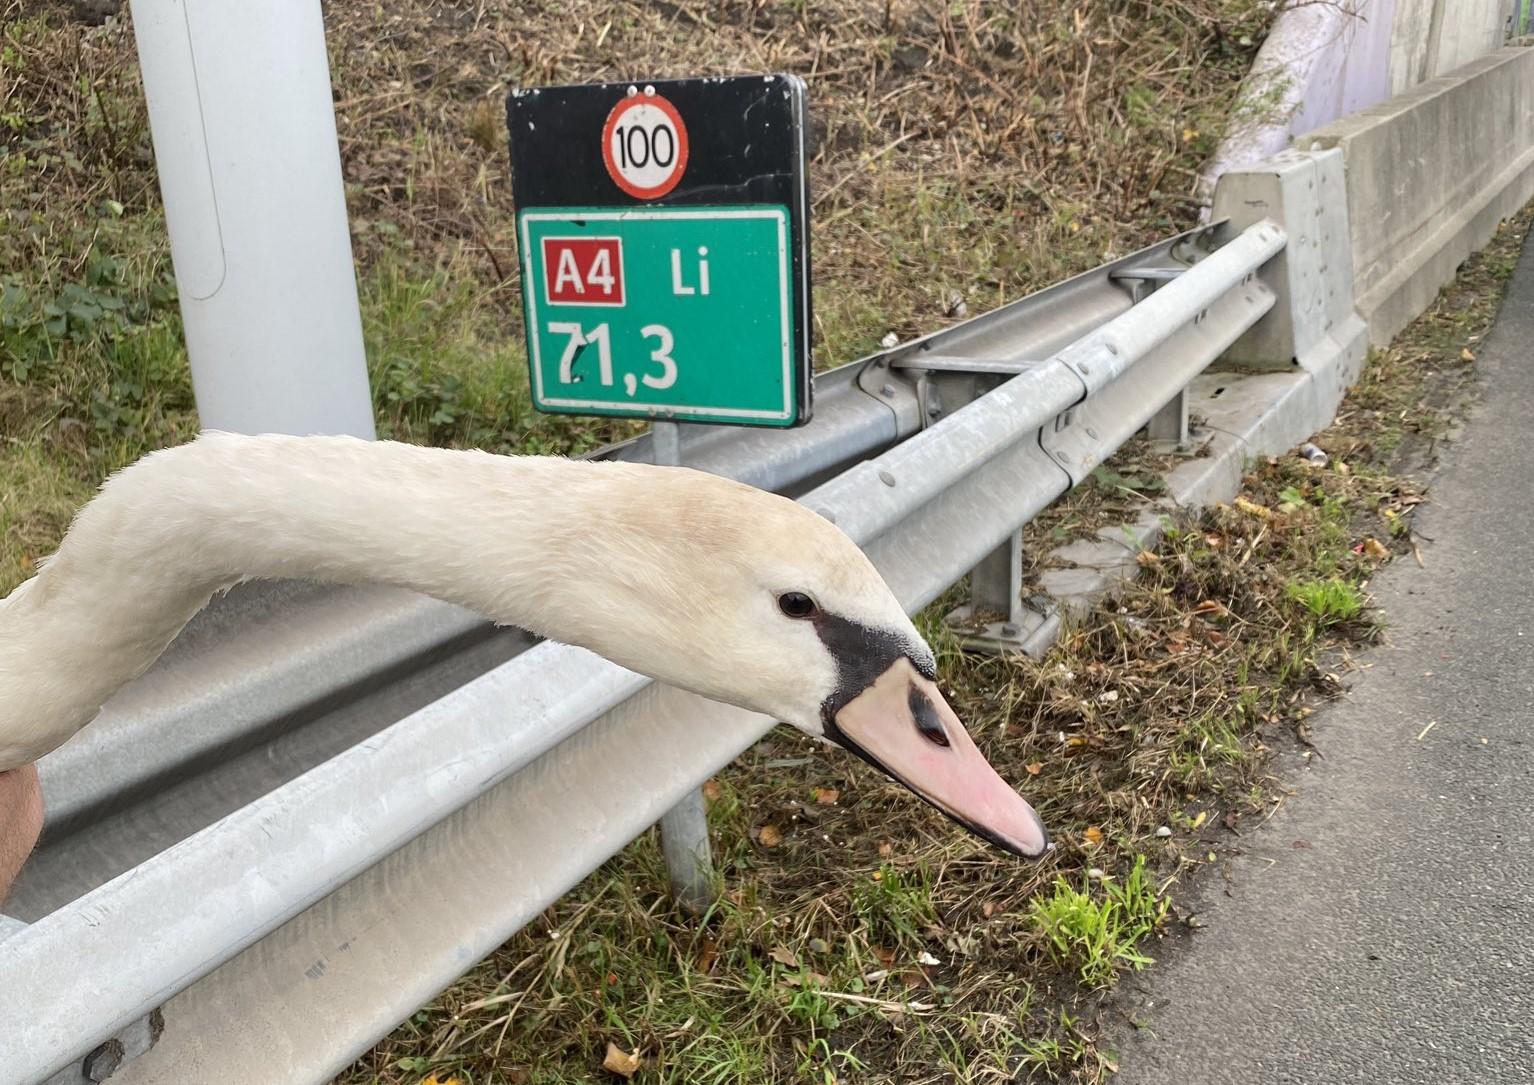 Zwaan van de A4 bij Vlaardingen gered